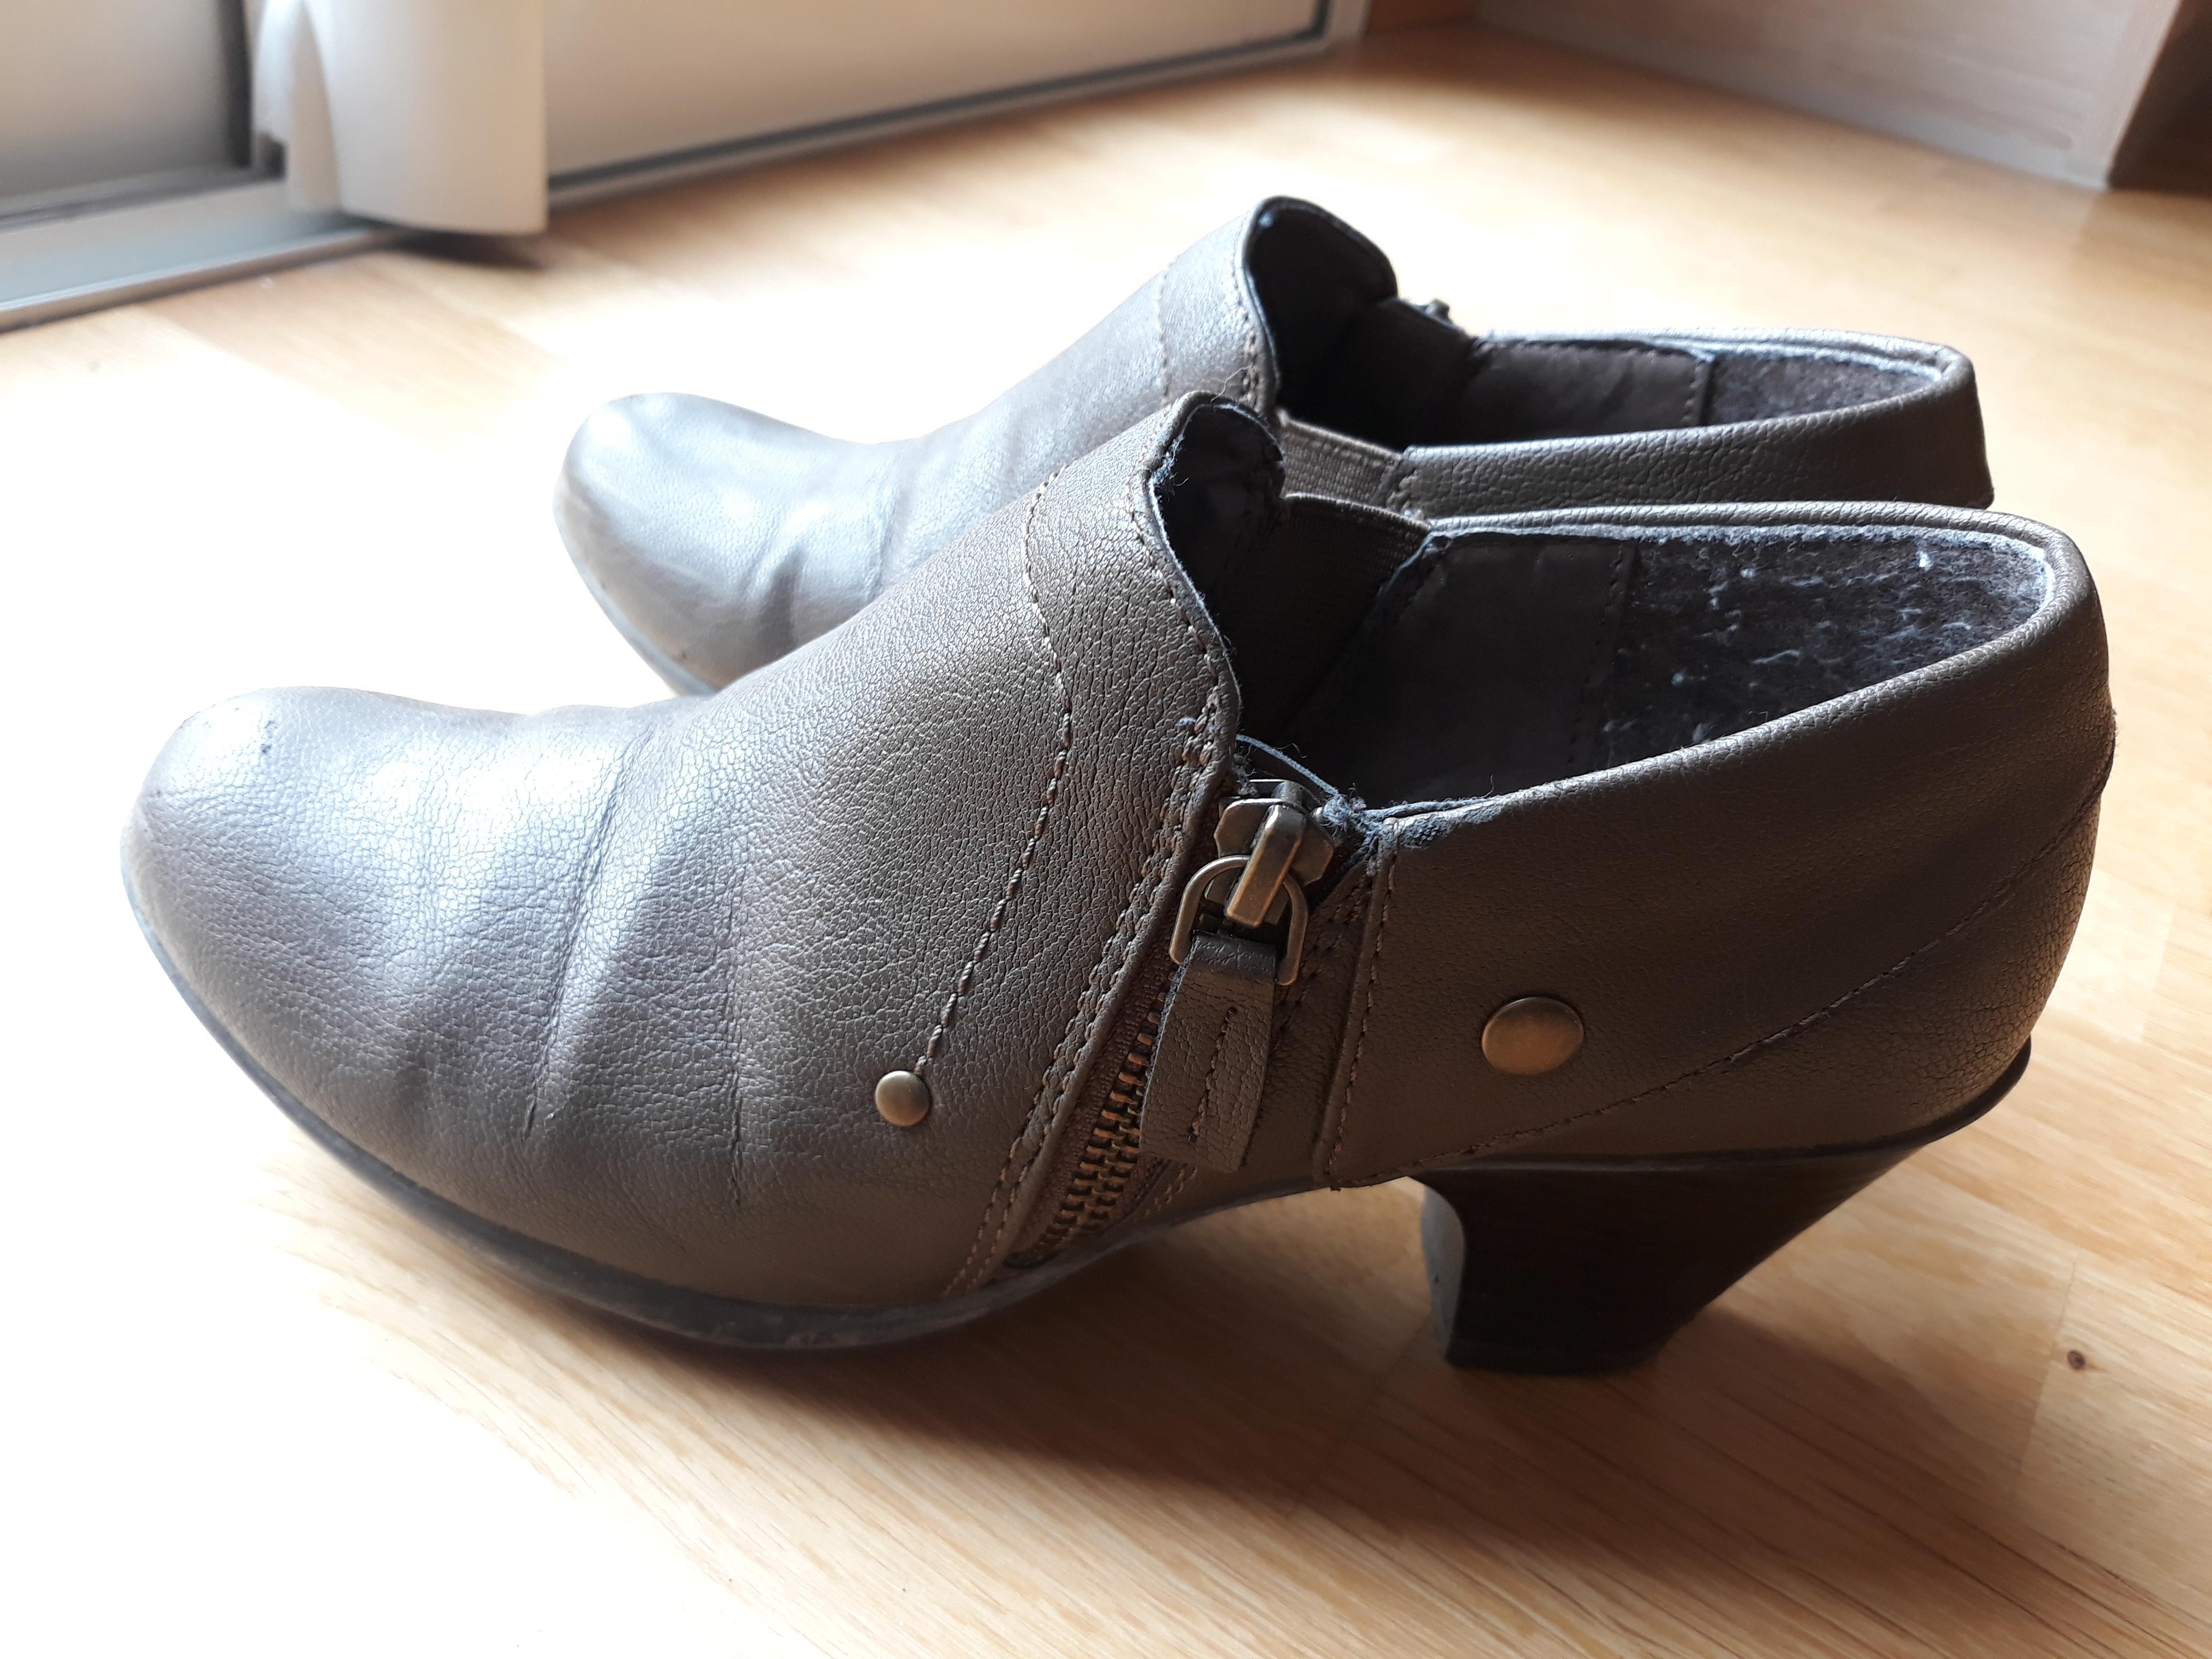 troc de troc chaussures t36 image 0